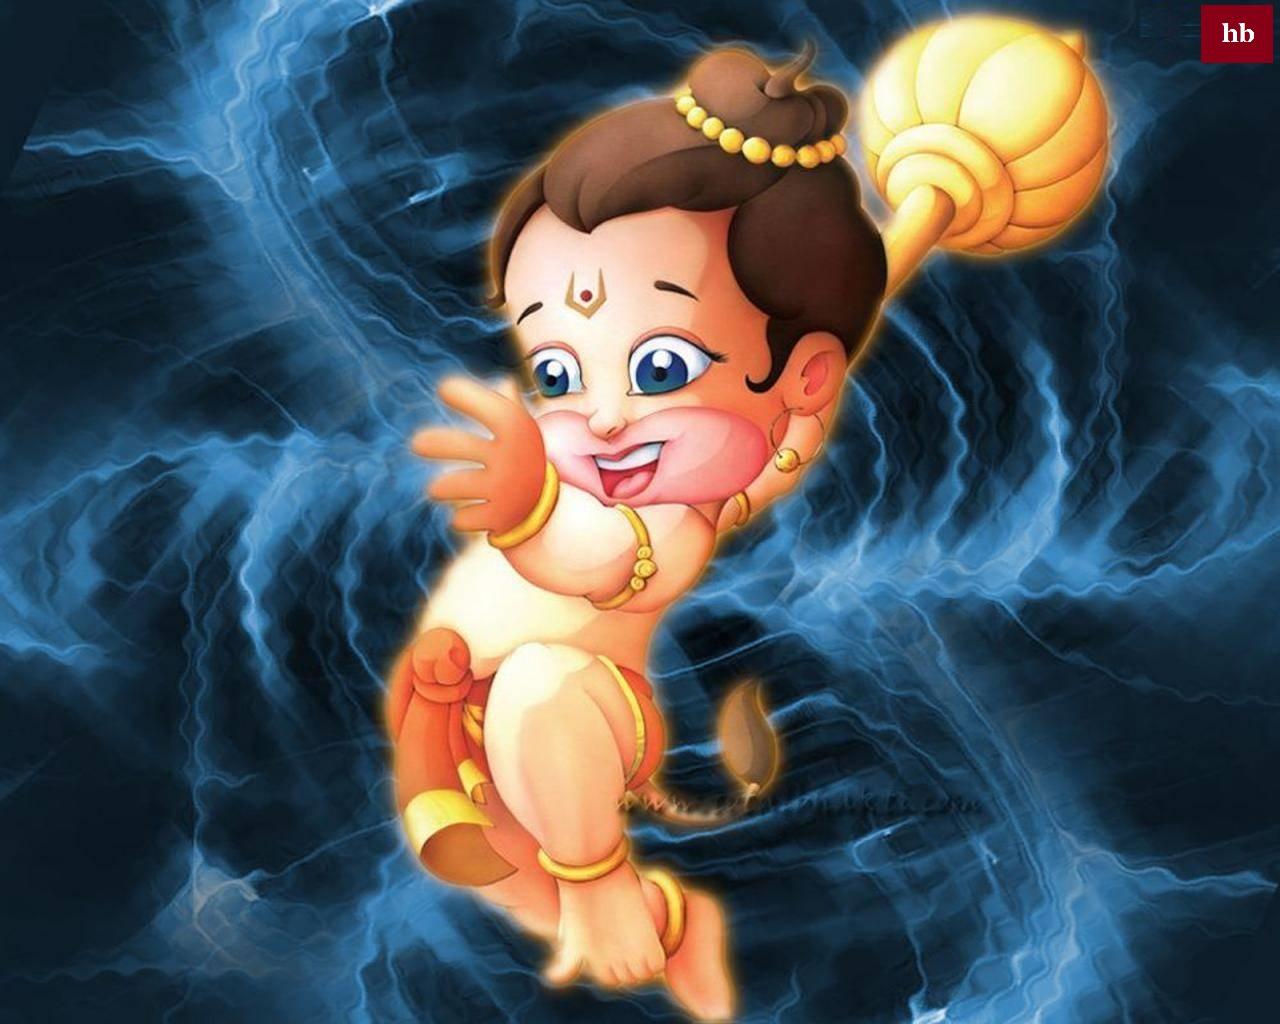 baal hanuman images